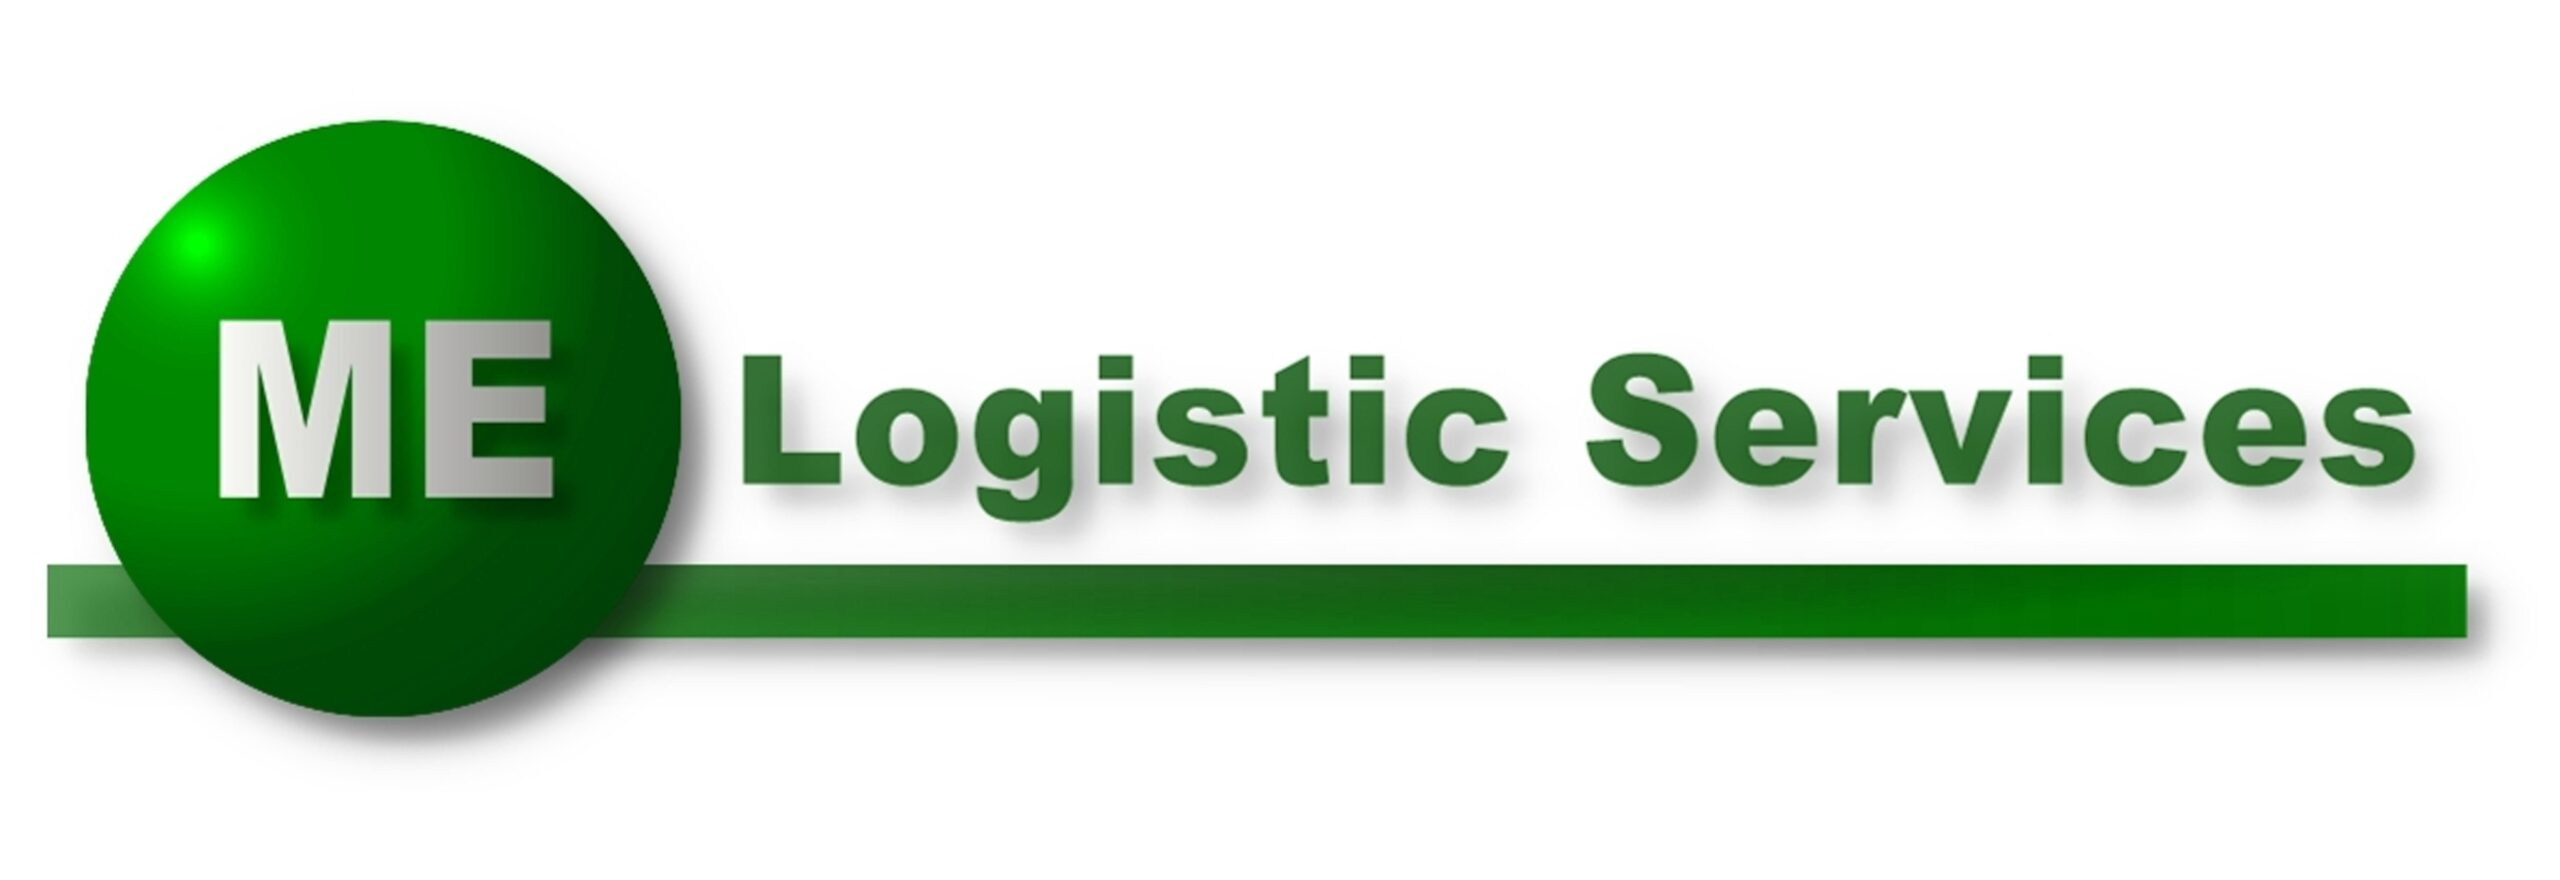 ME Logistic Services GmbH & Co. KG